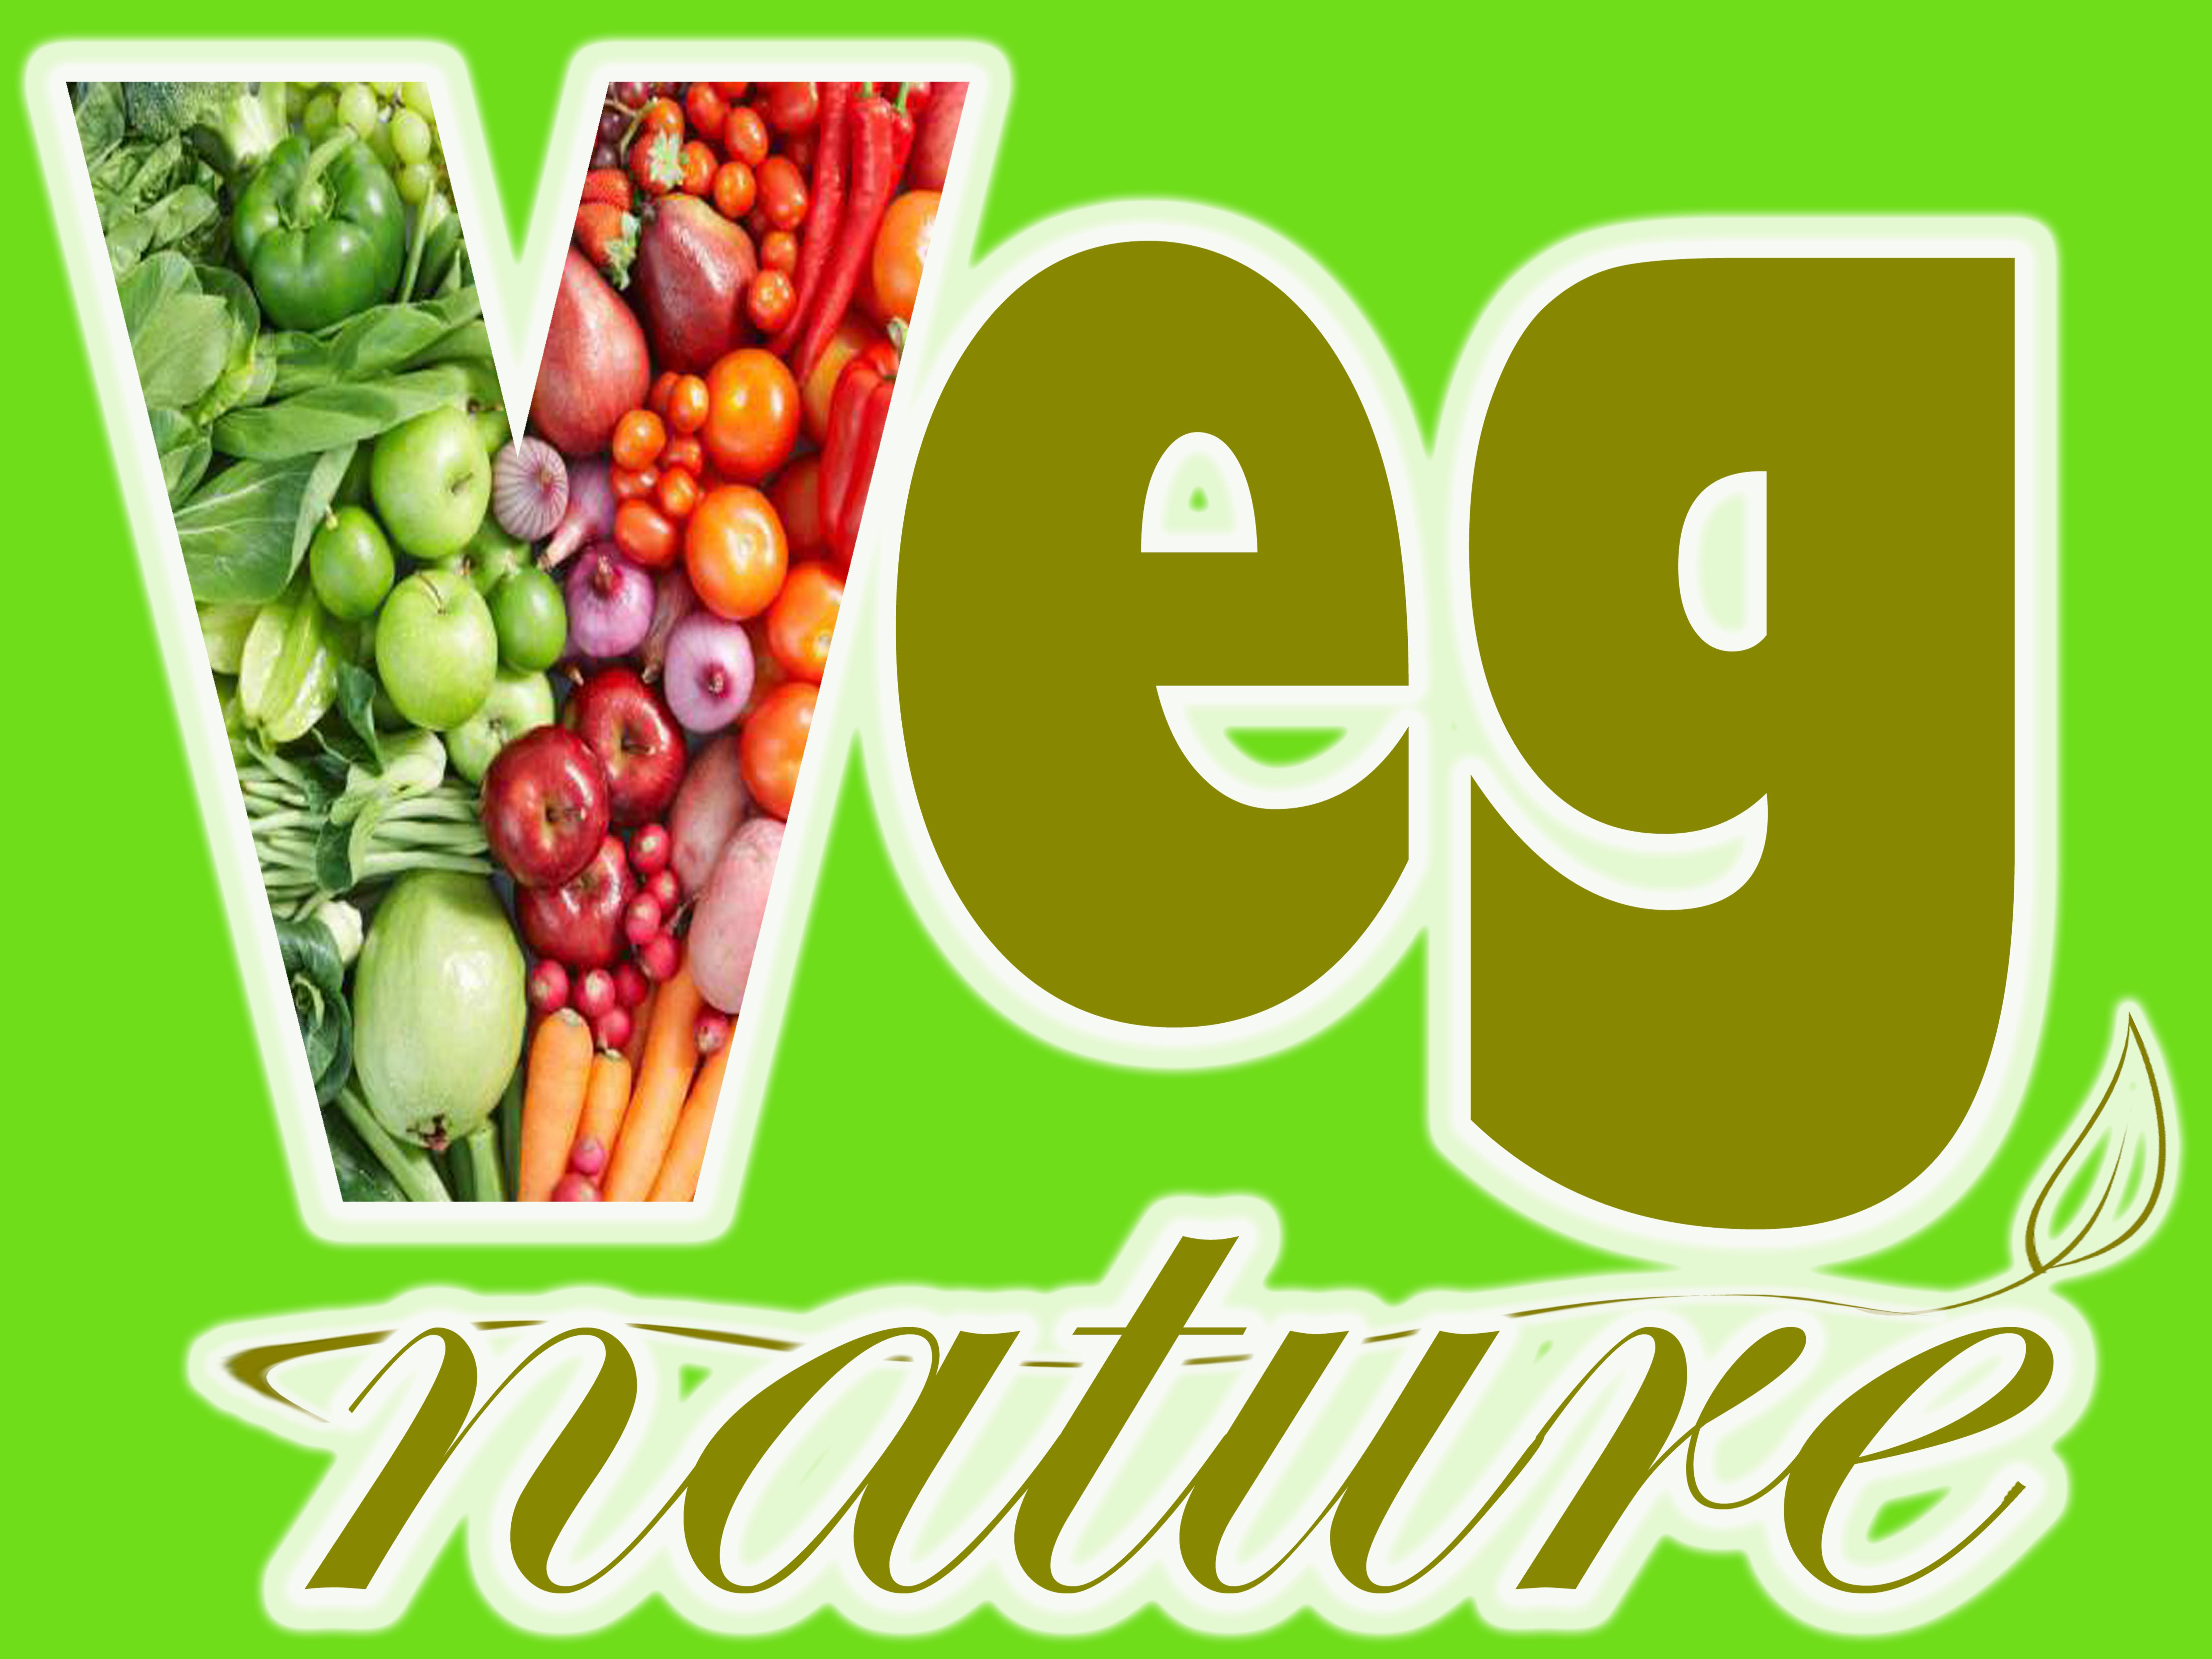 Association - VEG NATURE